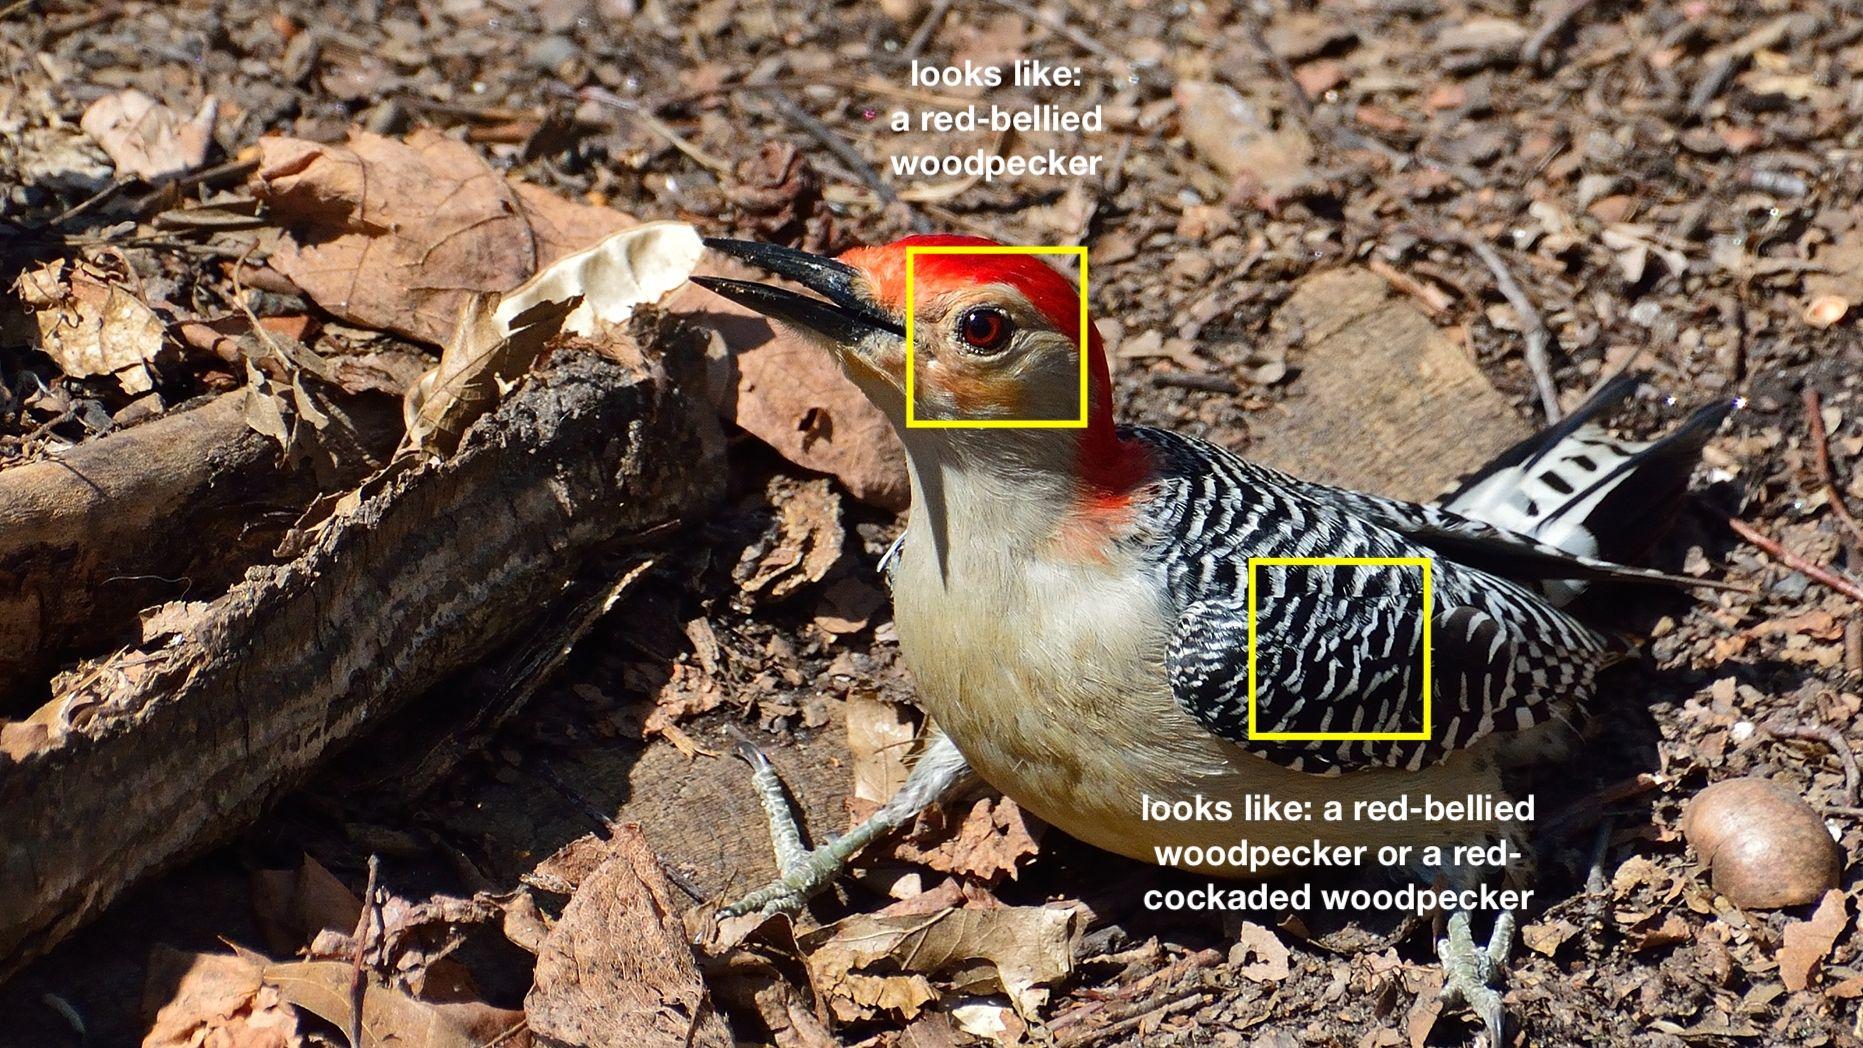 「見分け方」を学習、説明できる画像認識=MITなど開発